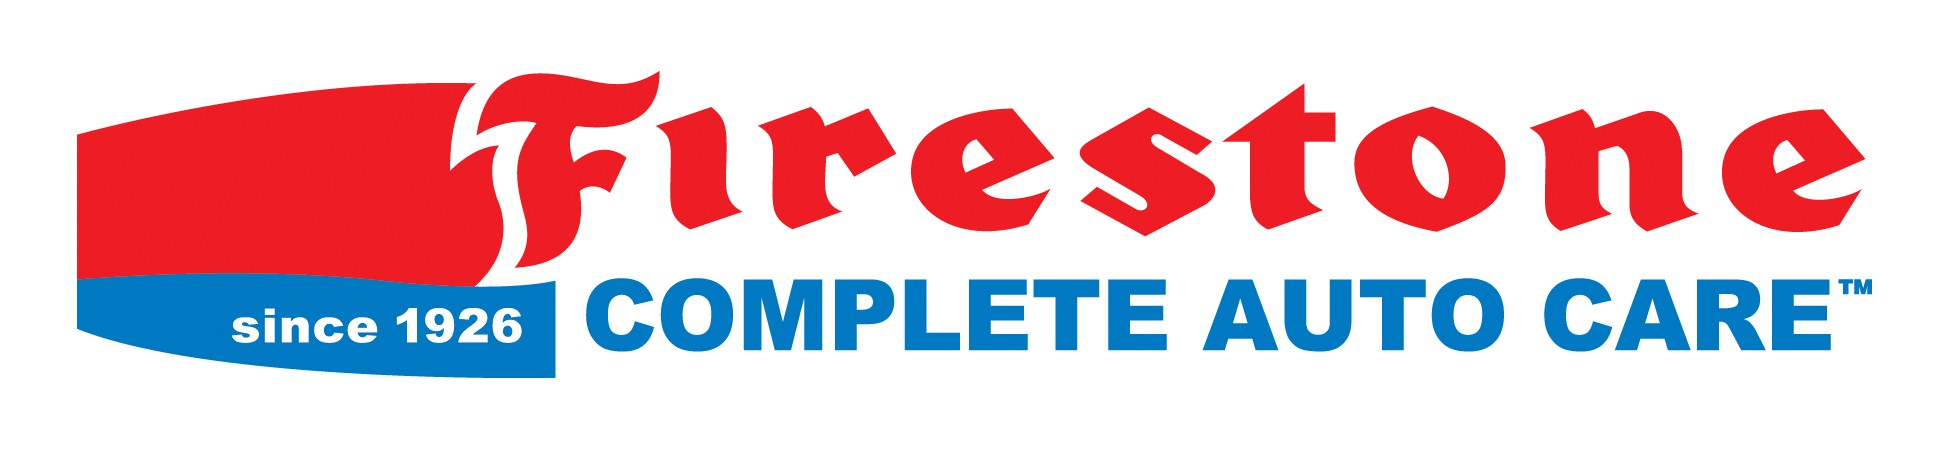 Firestone Complete Auto Care Nrrva0 Keaton S Child Cancer Alliance